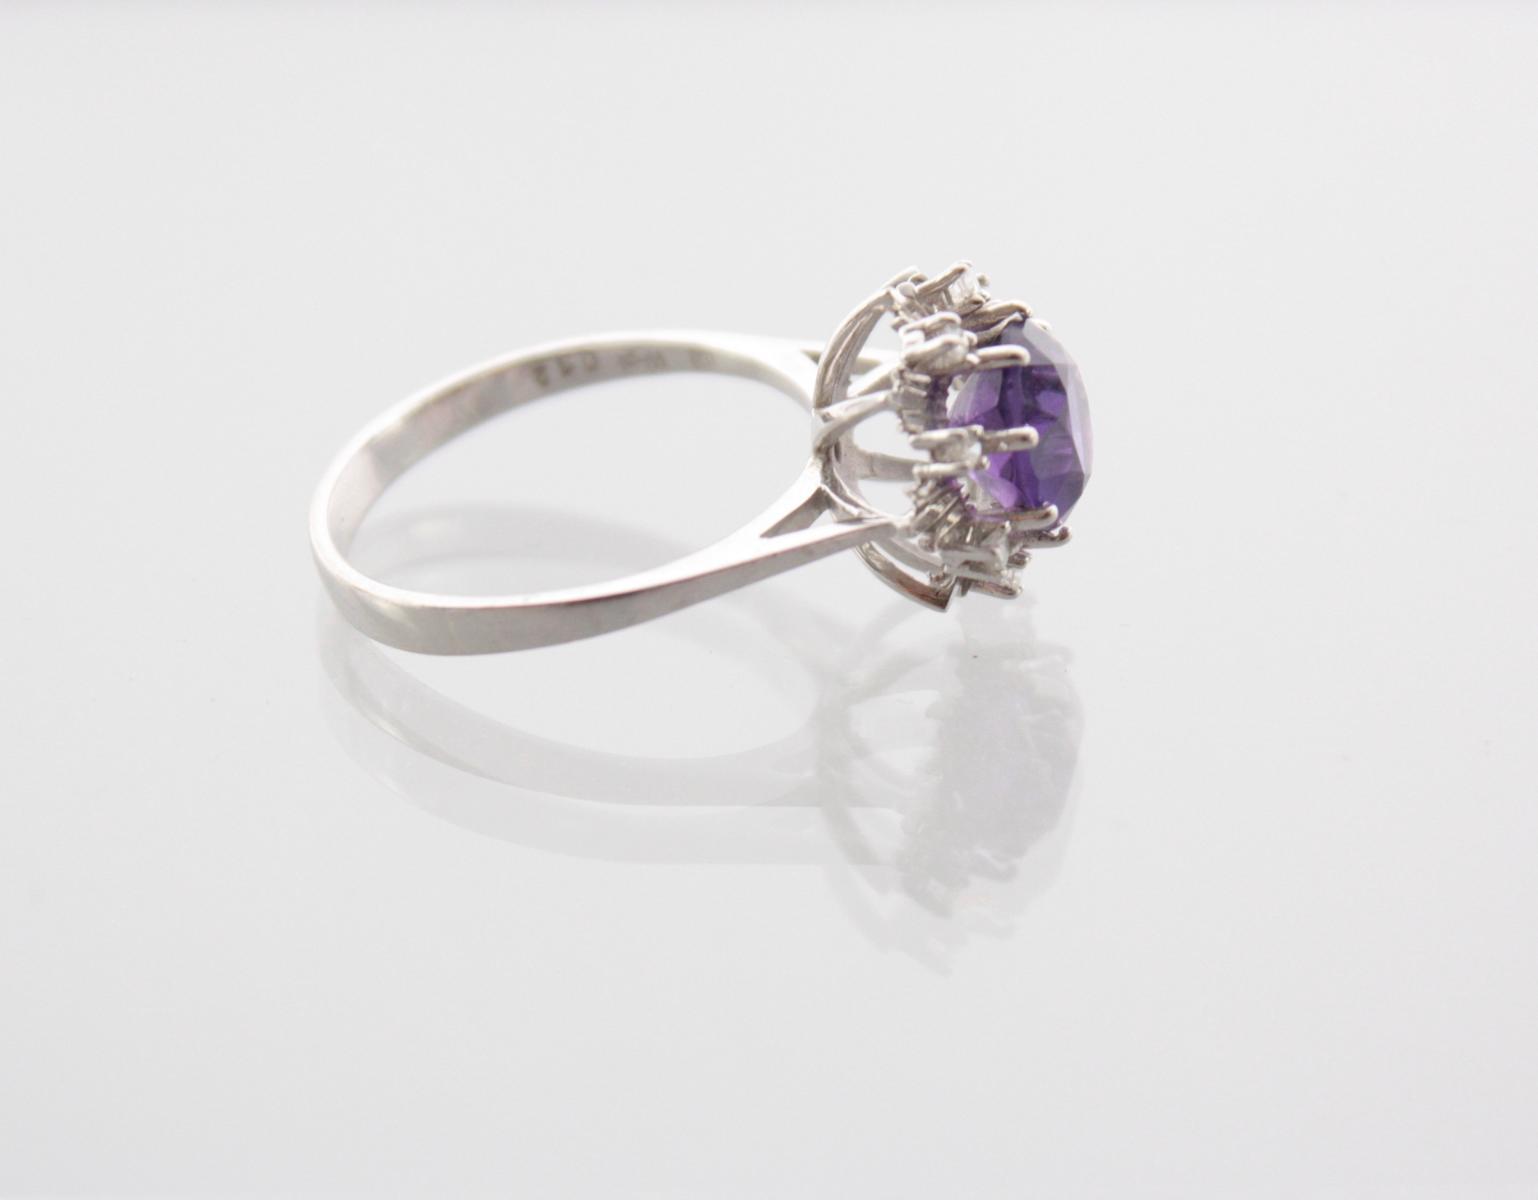 Damenring mit facettiertem Amethyst und Diamanten, 14 Karat Weißgold-2